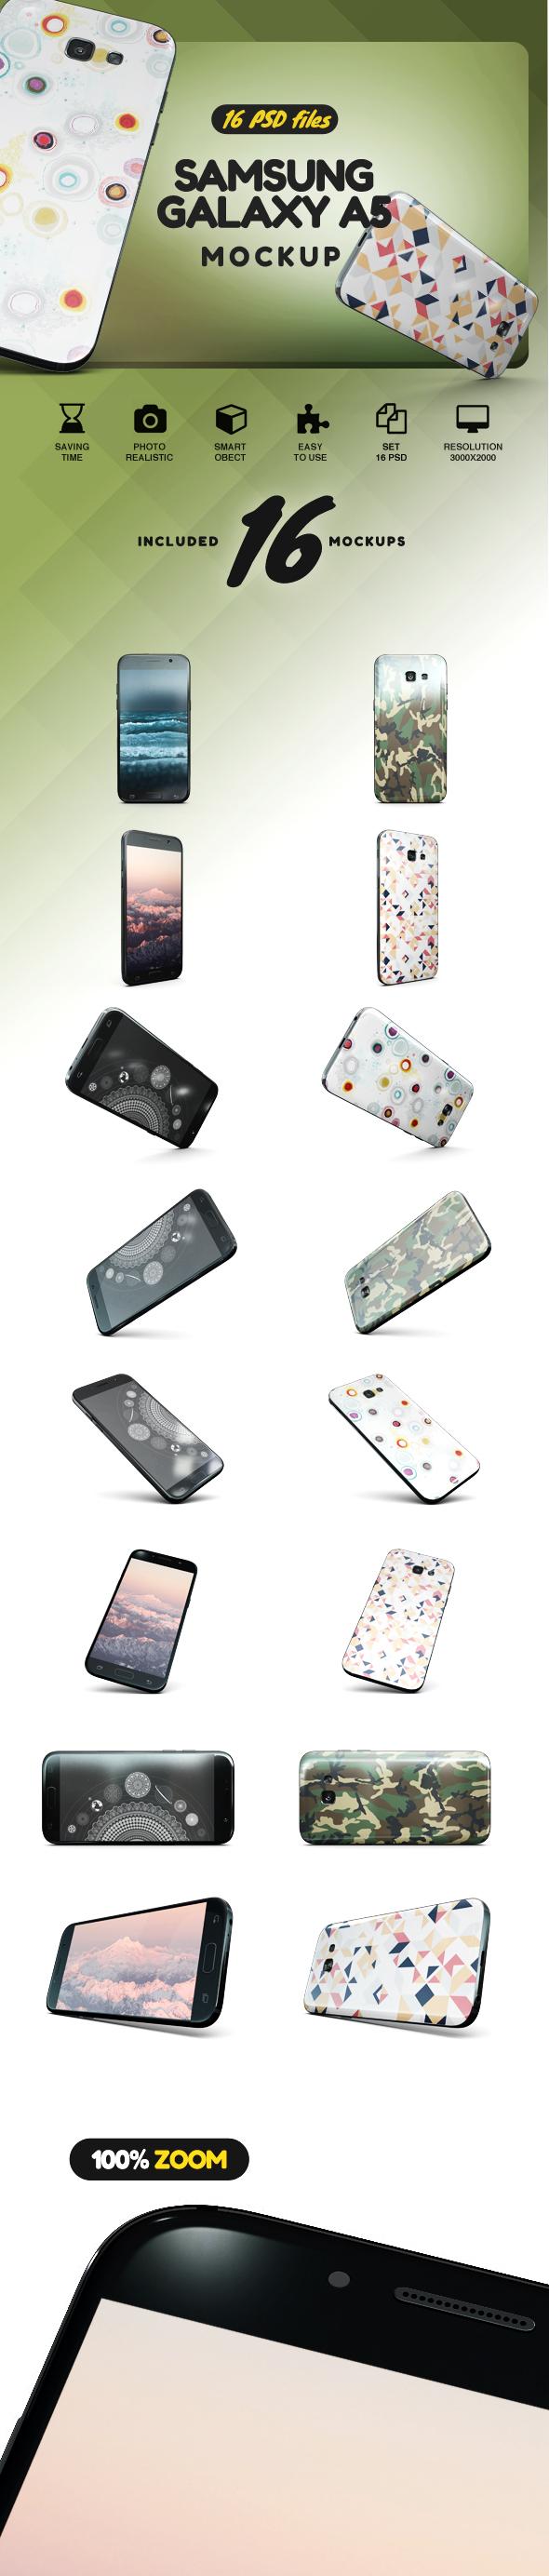 Samsung Galaxy A5 Mockup example image 2